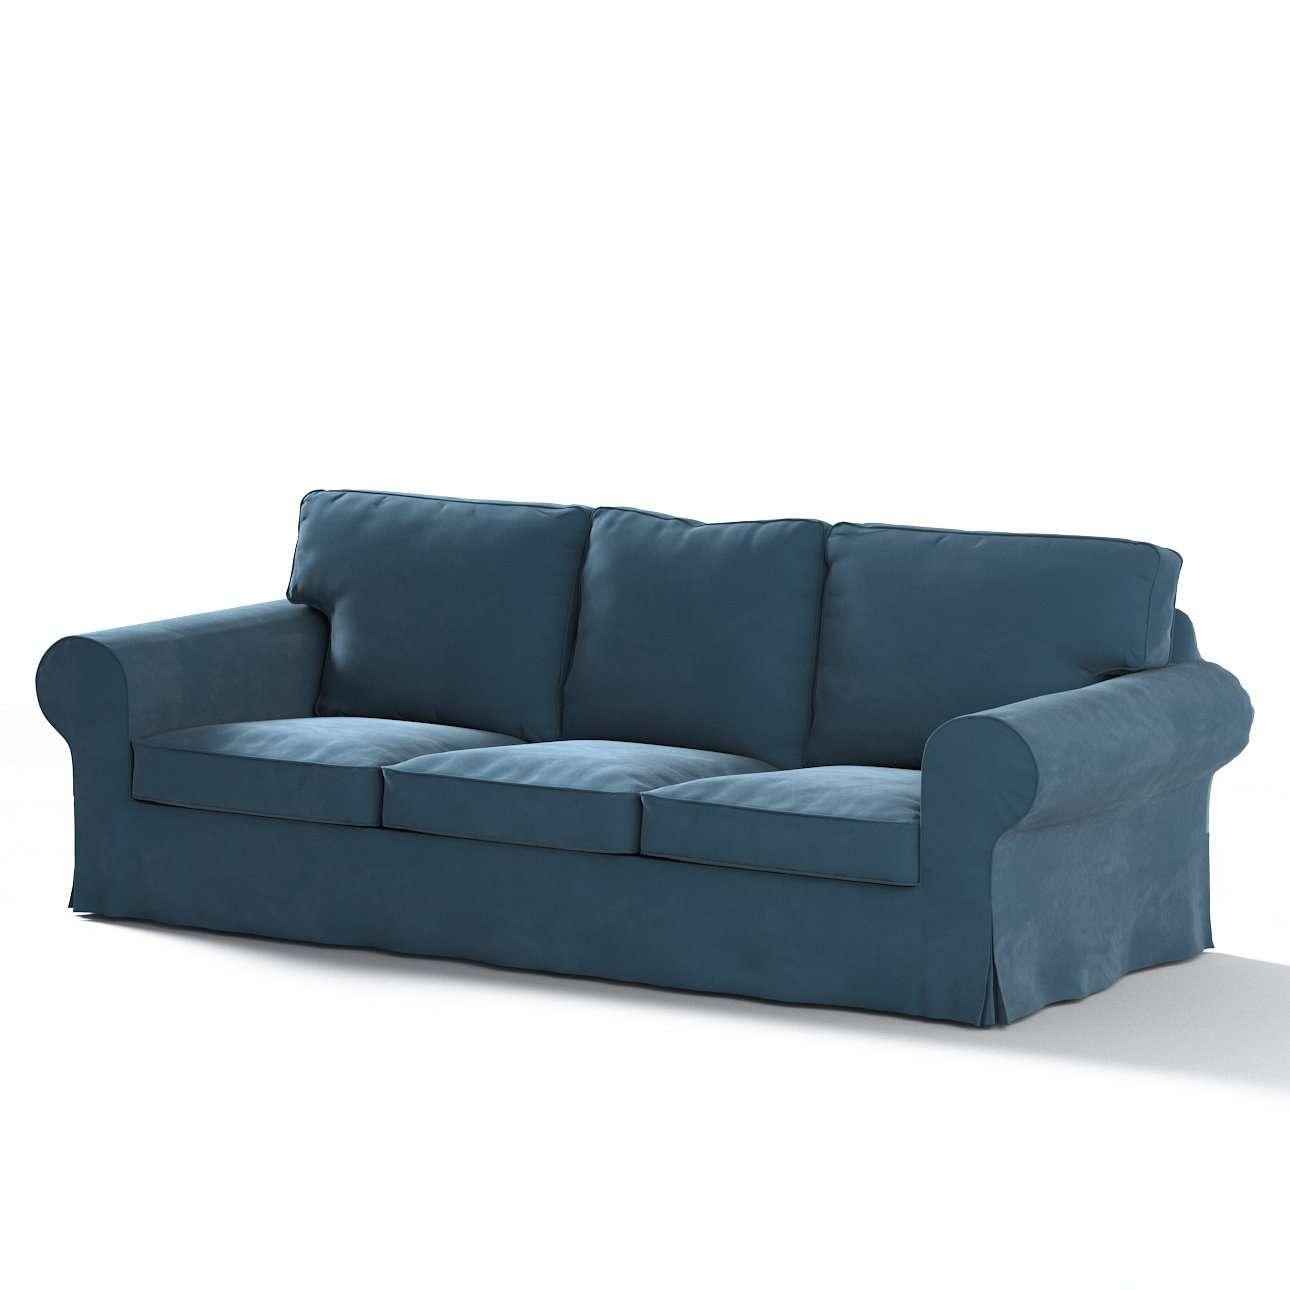 Pokrowiec na sofę Ektorp 3-osobową, rozkładaną w kolekcji Velvet, tkanina: 704-16